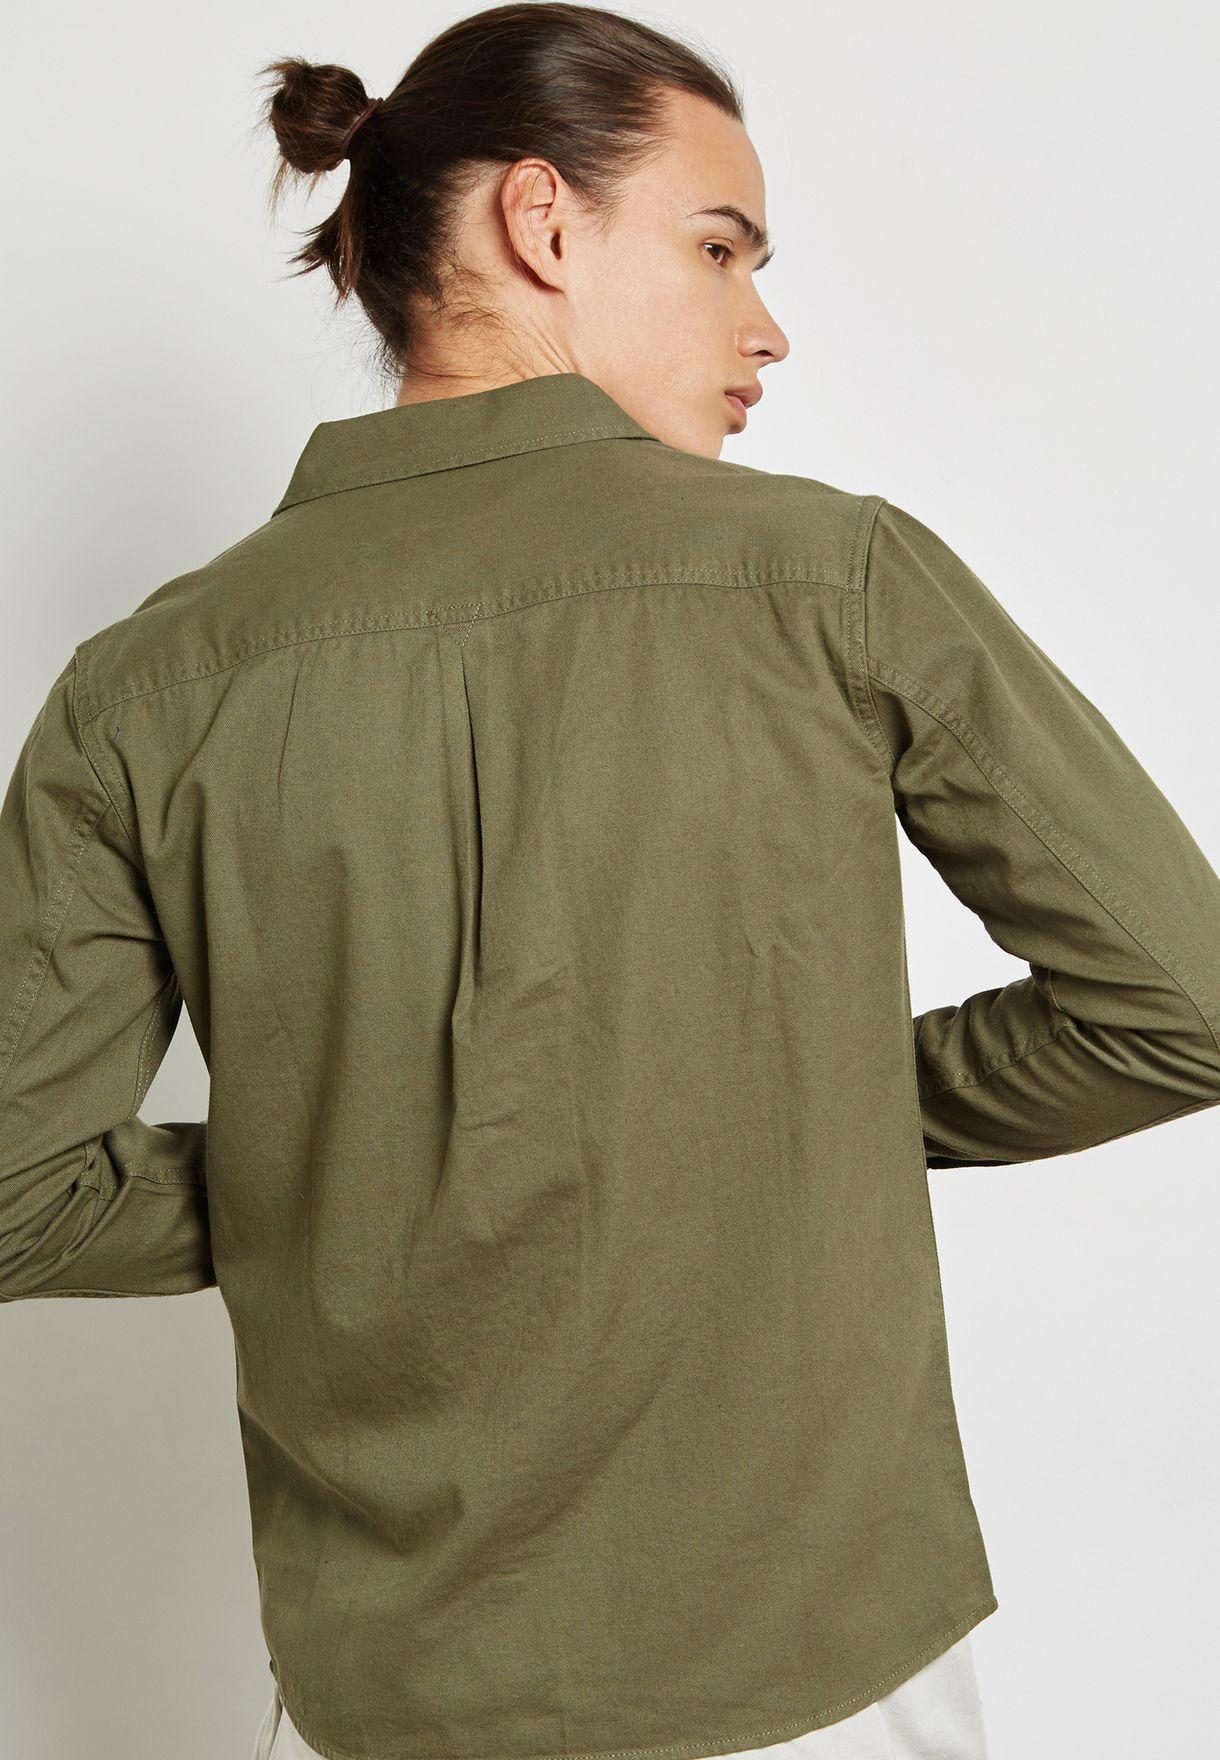 Kaidan Shirt